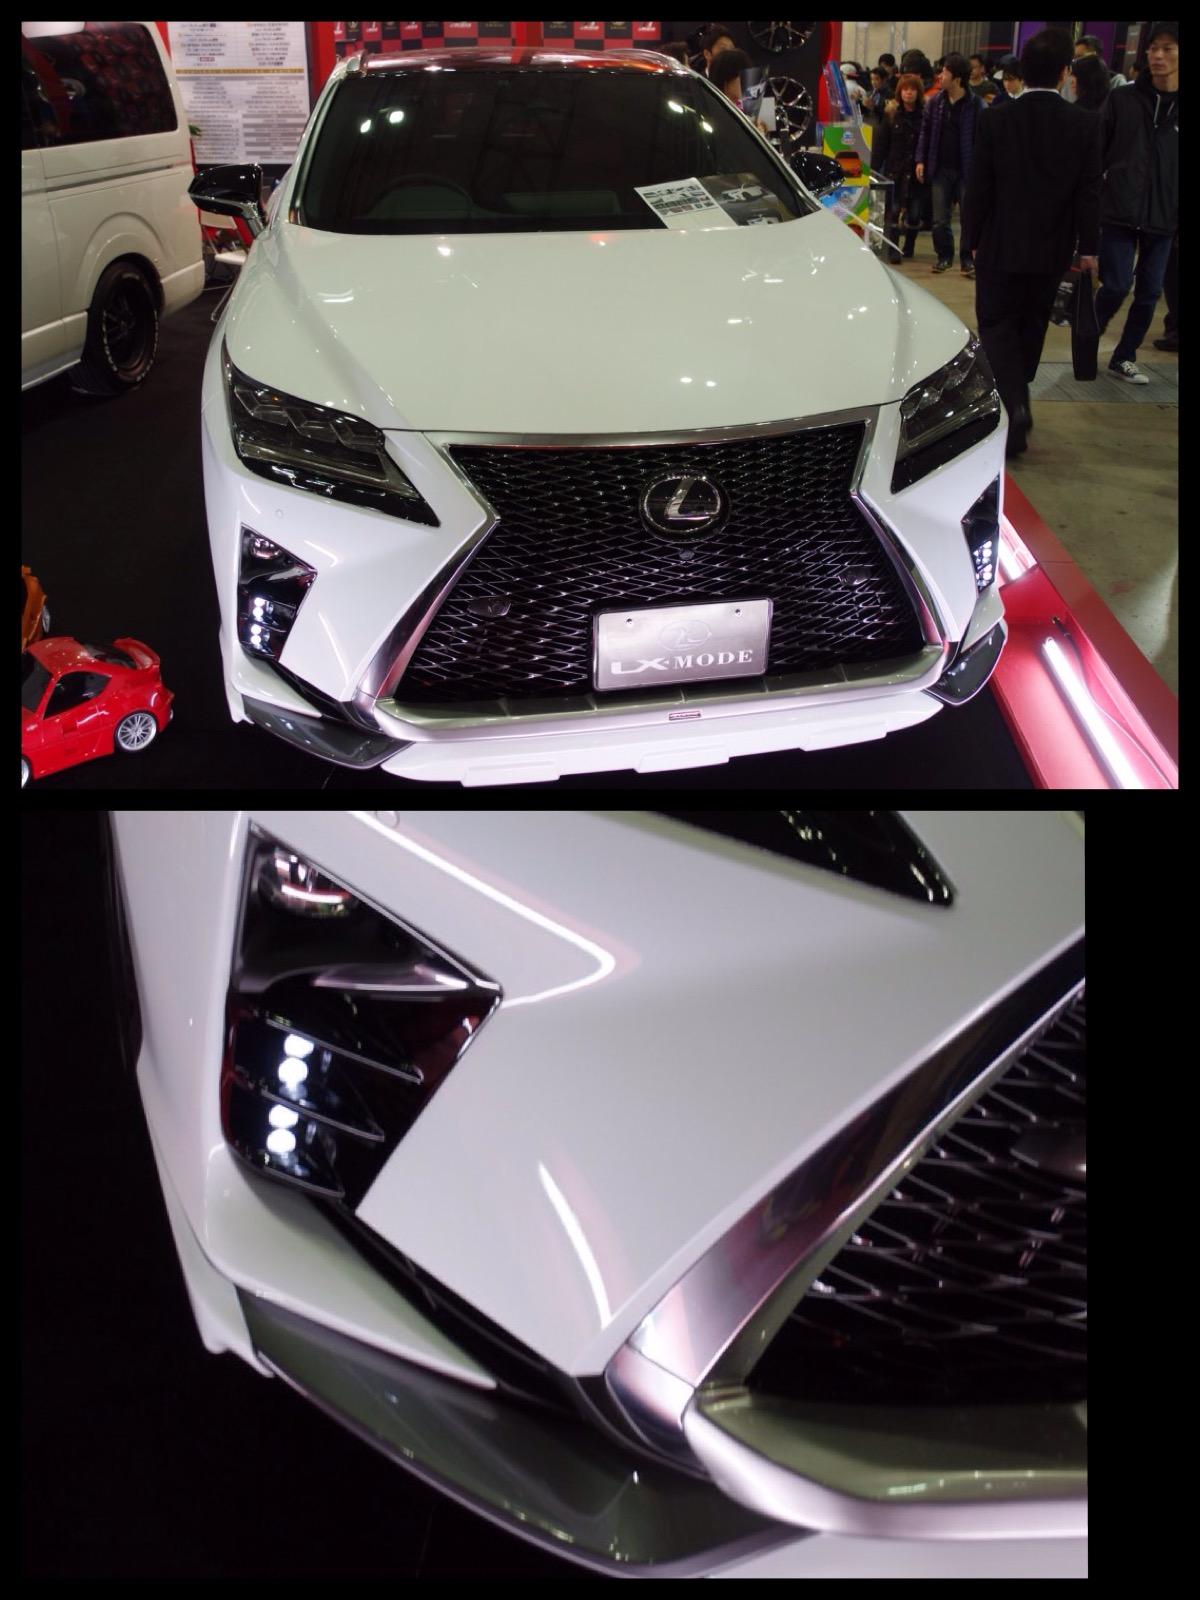 レクサス RX LX-モード カスタム 東京オートサロン2016